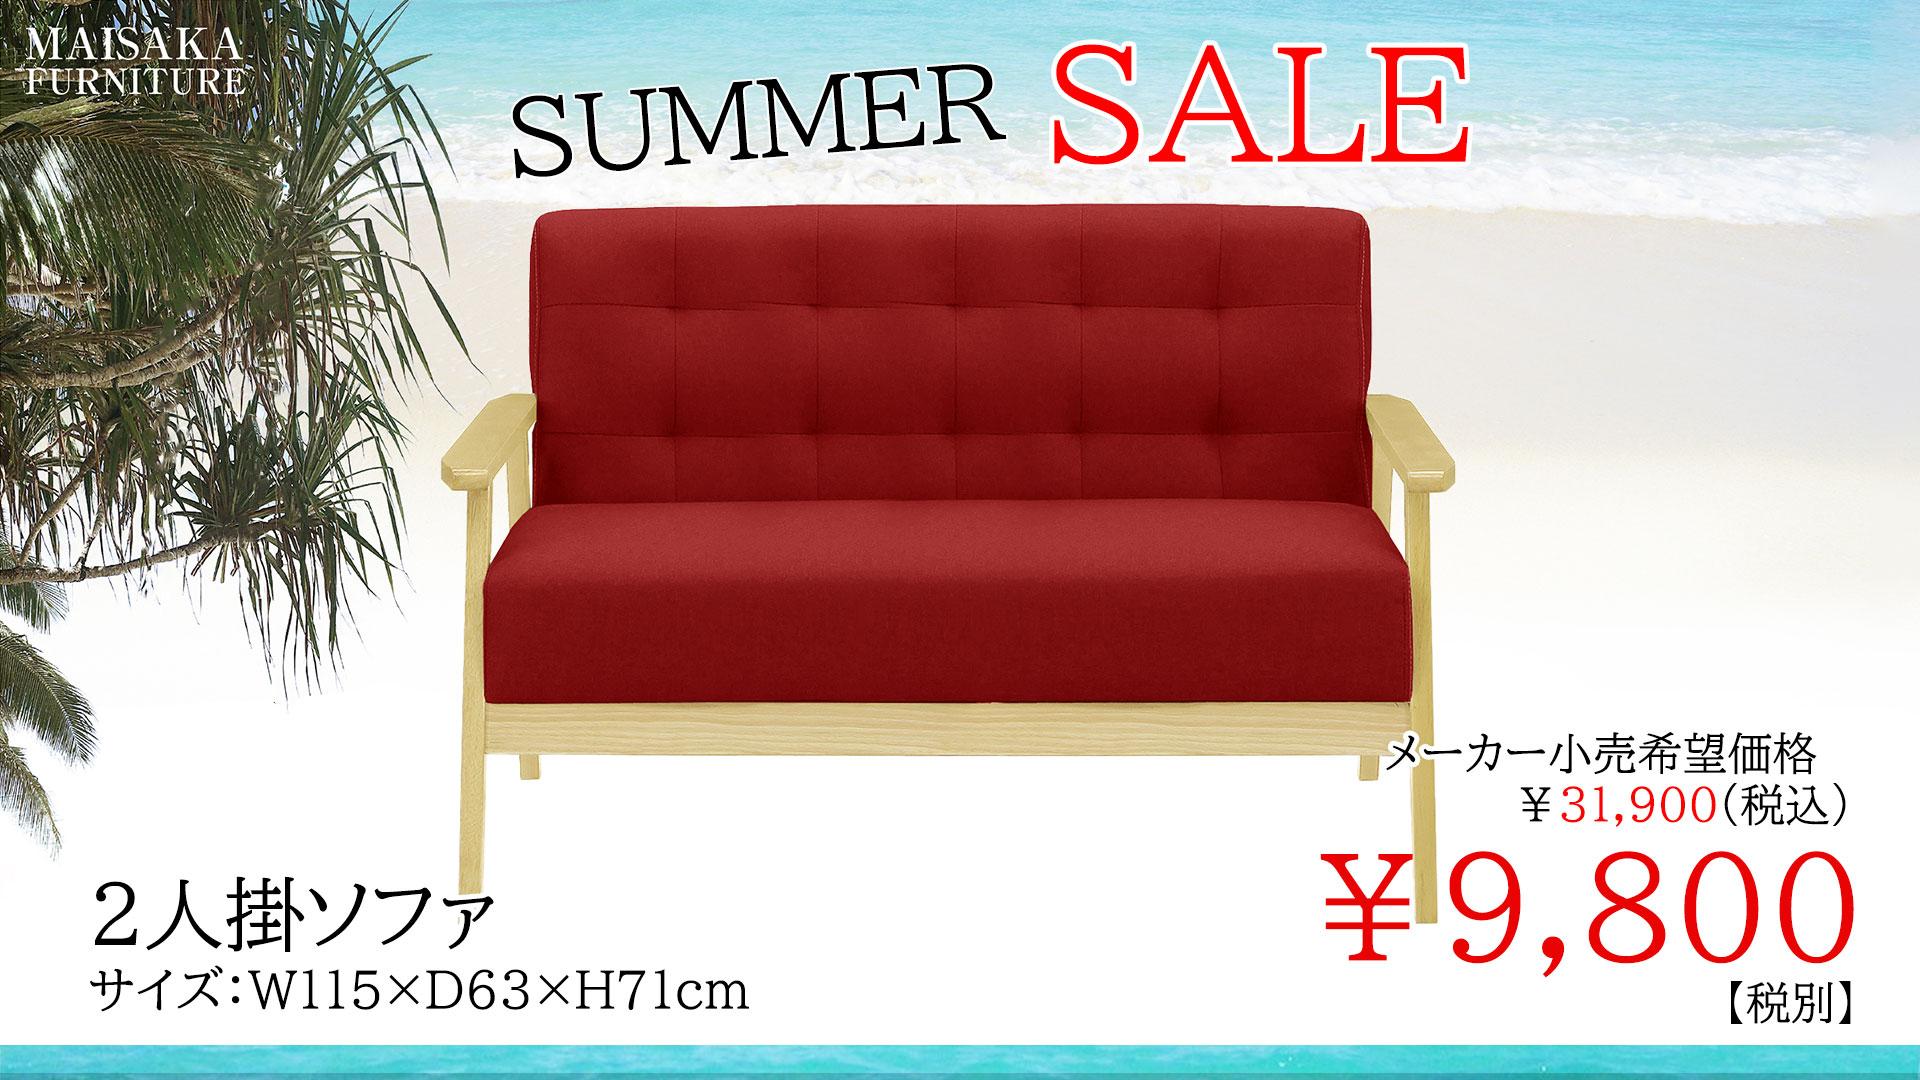 マイサカ家具7月の夏のチラシの目玉商品の赤い二人掛け木肘ソファの画像